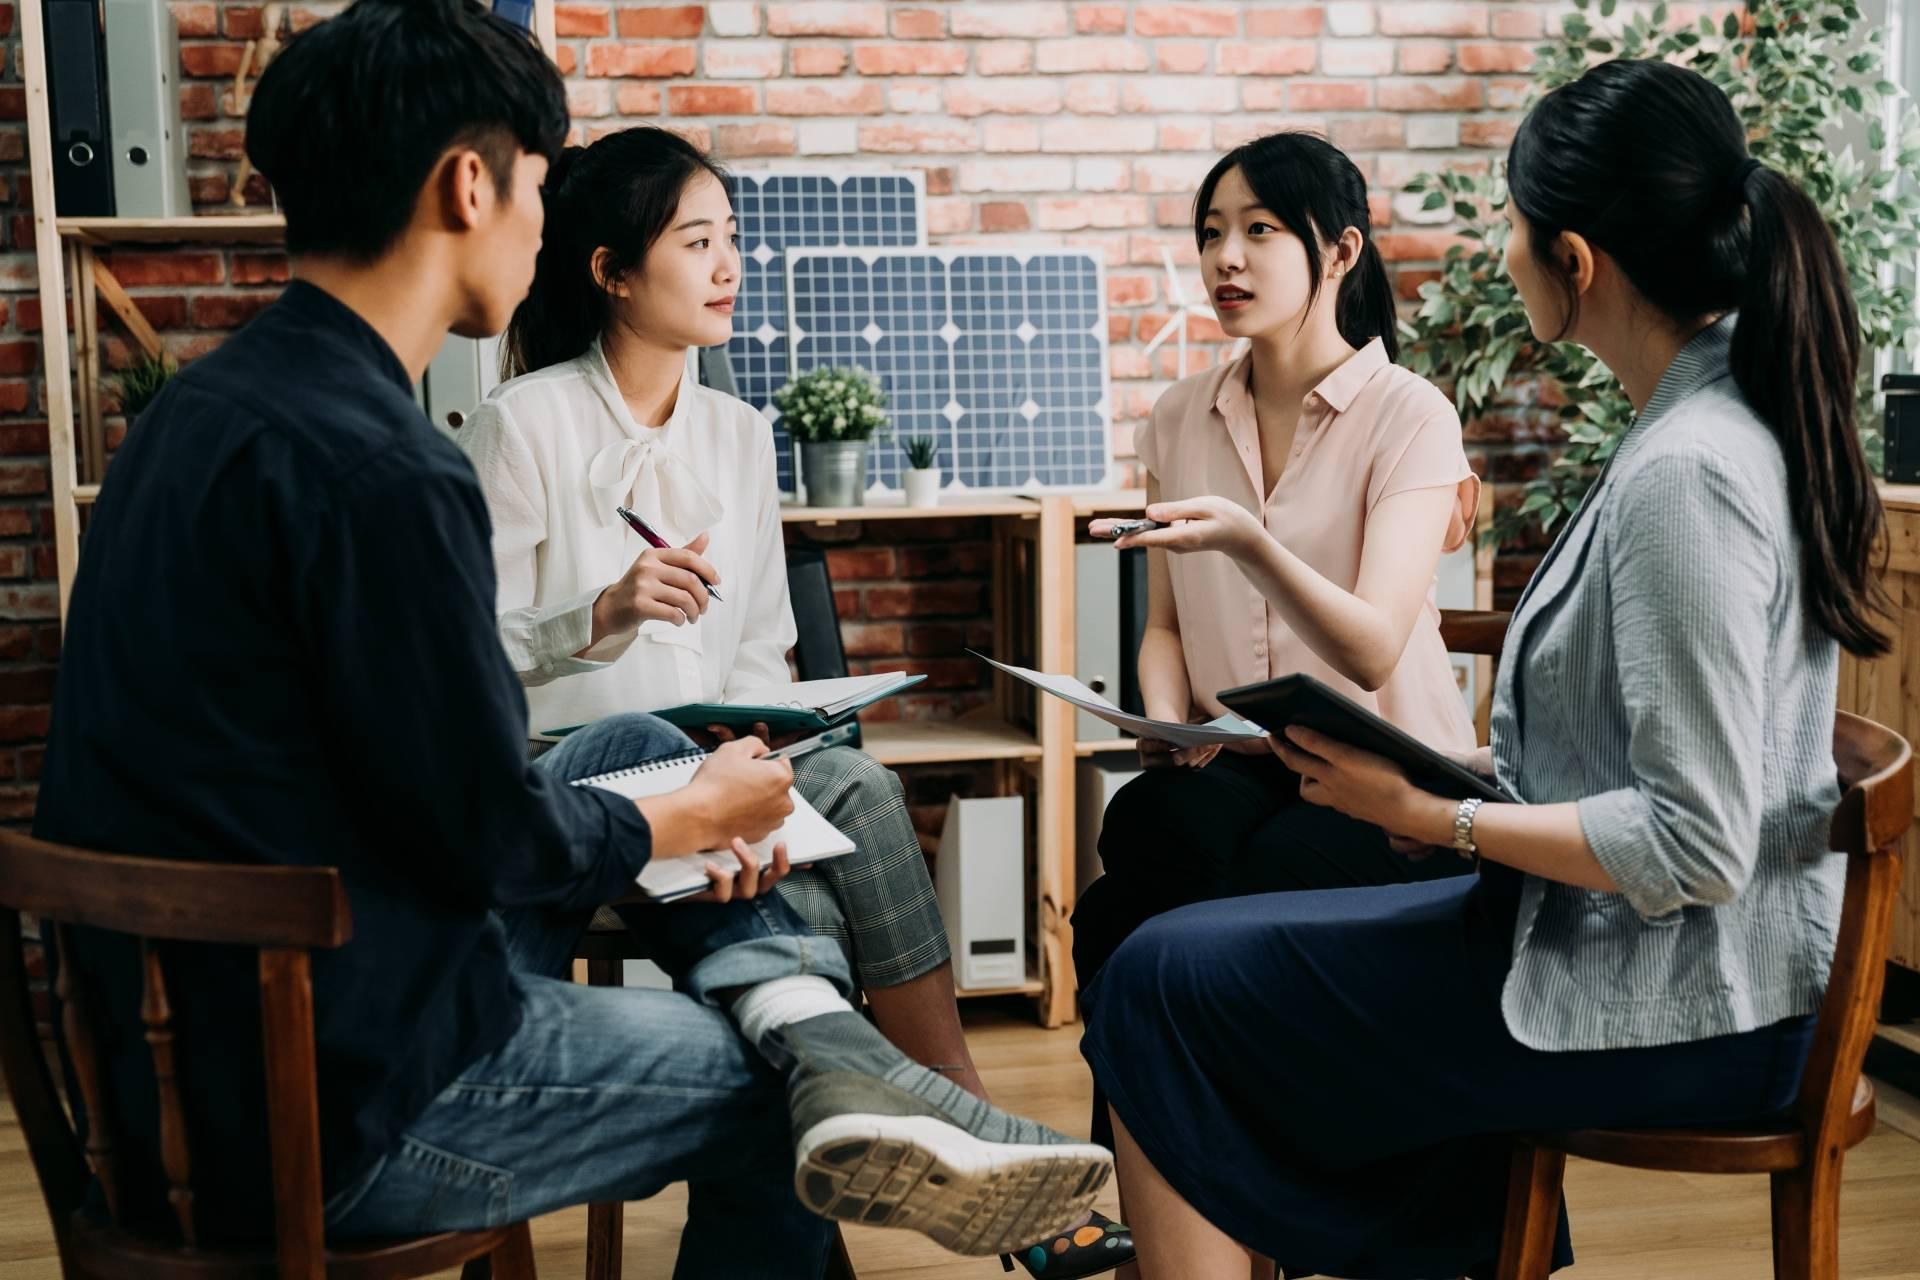 Nunchi - na czym polega koreańska recepta na sukces? Grupa ubranych casualowo współpracowników omawia projekt w biurze.